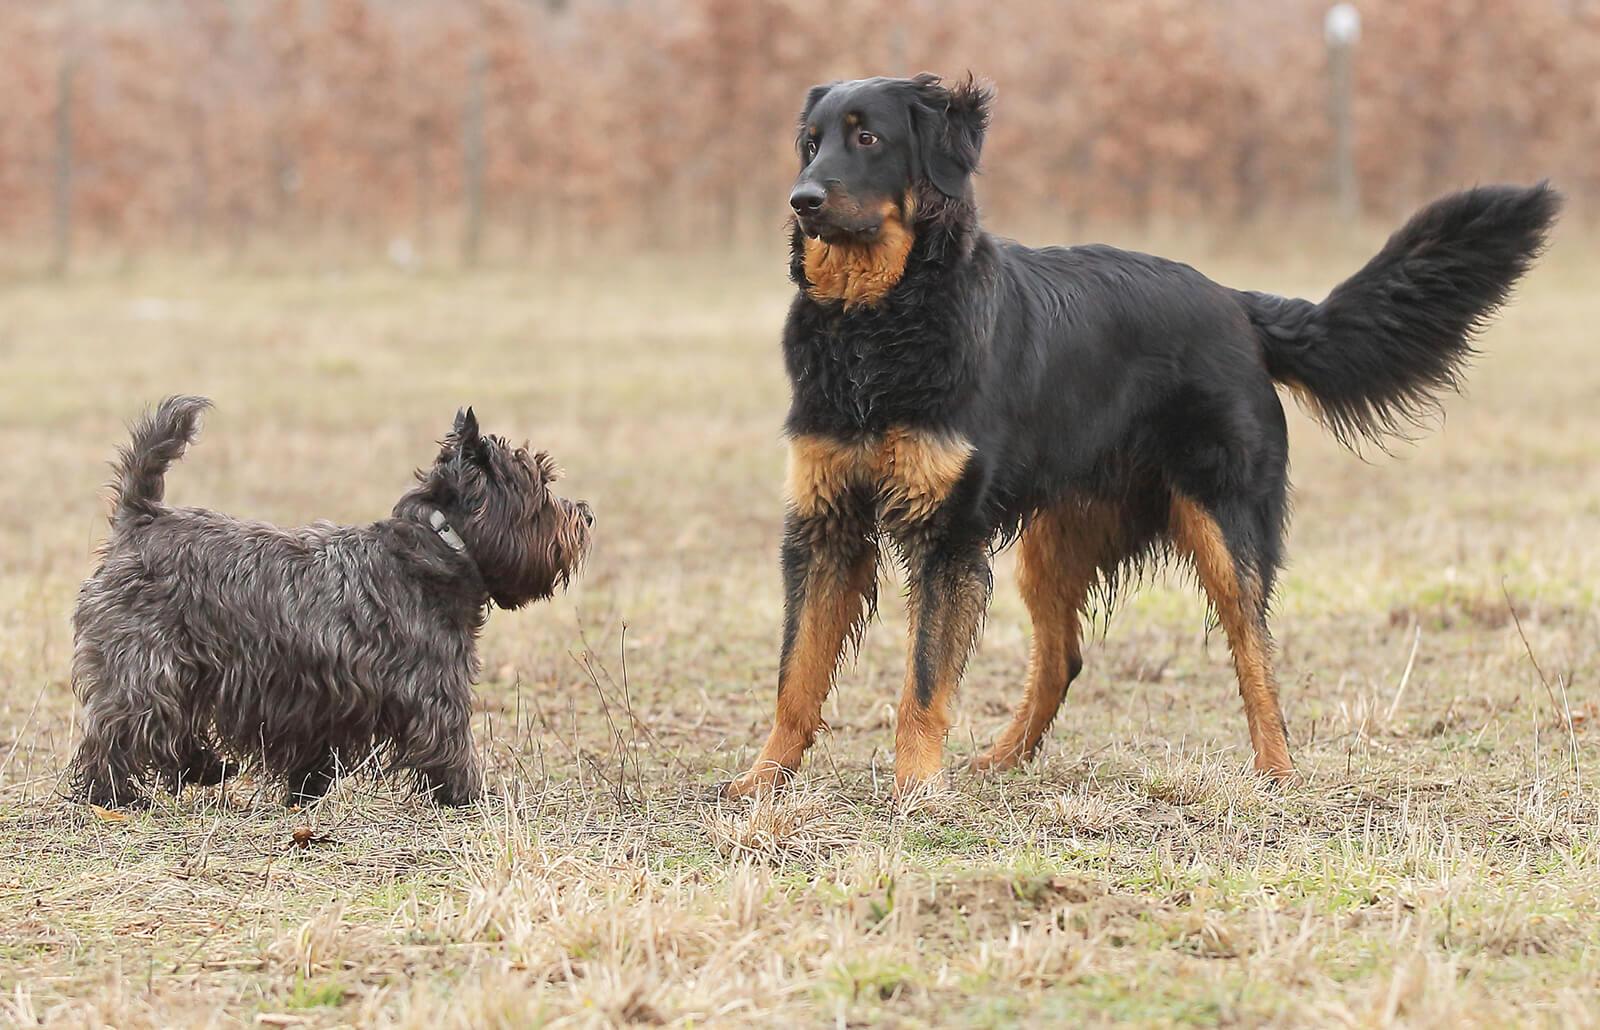 Understanding Your Dog's Body Language Signals | LoveToKnow